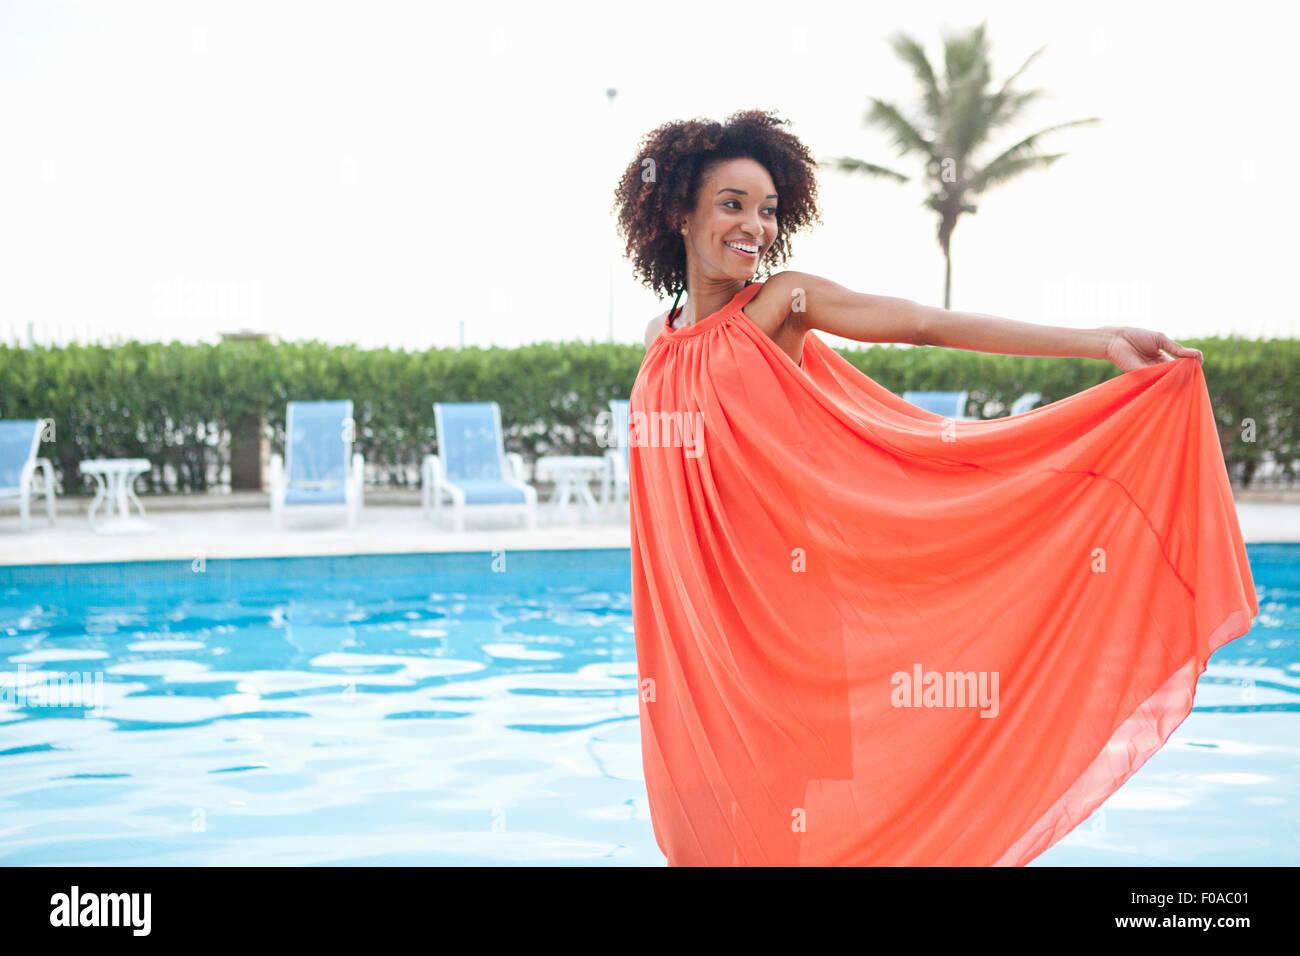 Retrato de mujer joven luciendo vestidos de naranja en el hotel al lado de la piscina, Rio de Janeiro, Brasil Imagen De Stock